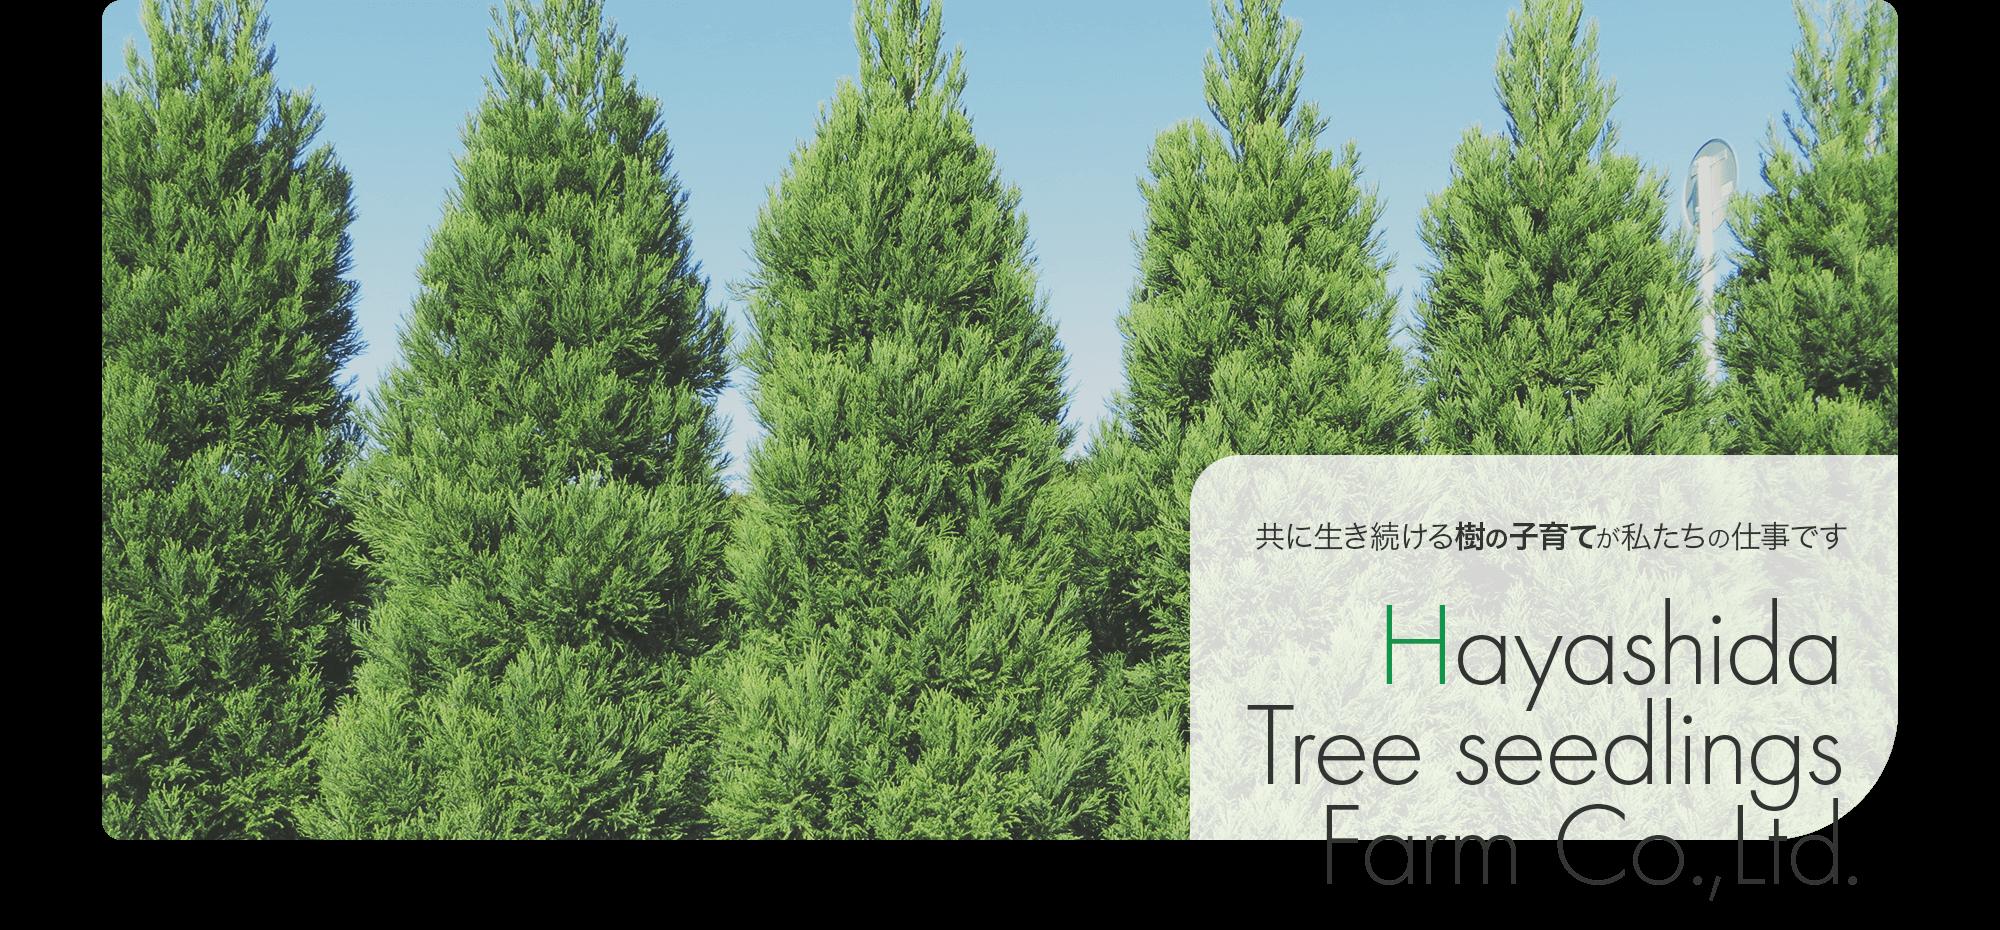 共に生き続ける樹の子育てが私たちの仕事です